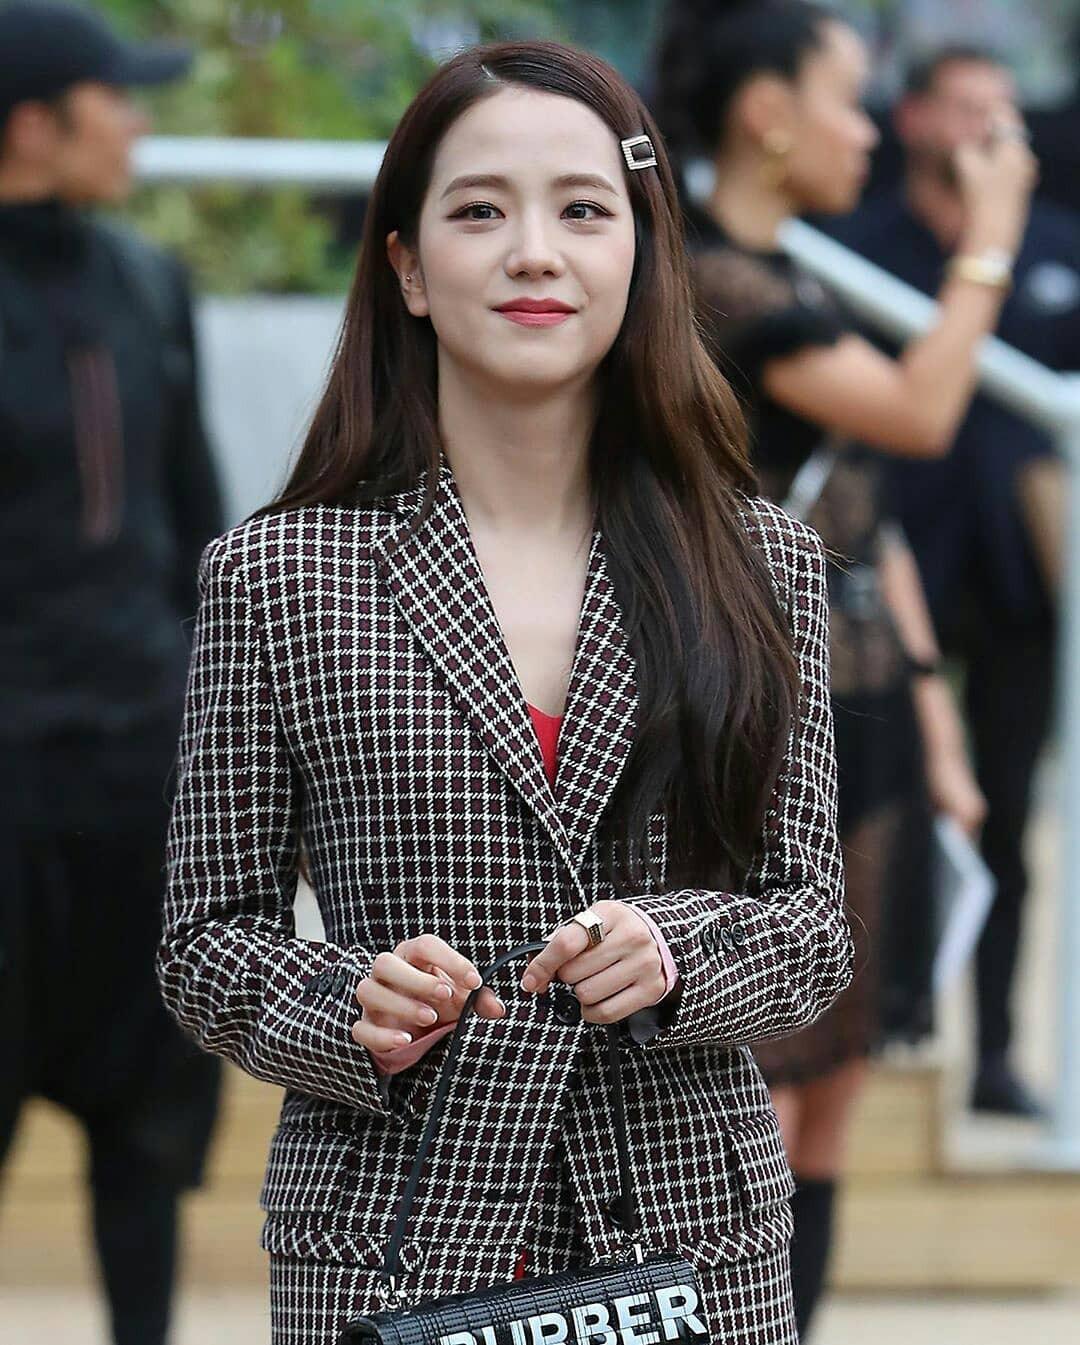 VZN News: Nữ thần Jisoo (BLACKPINK) gây náo loạn trời Anh: Quá xinh và sang như tiểu thư quý tộc, ảnh chụp vội gây choáng - Ảnh 4.